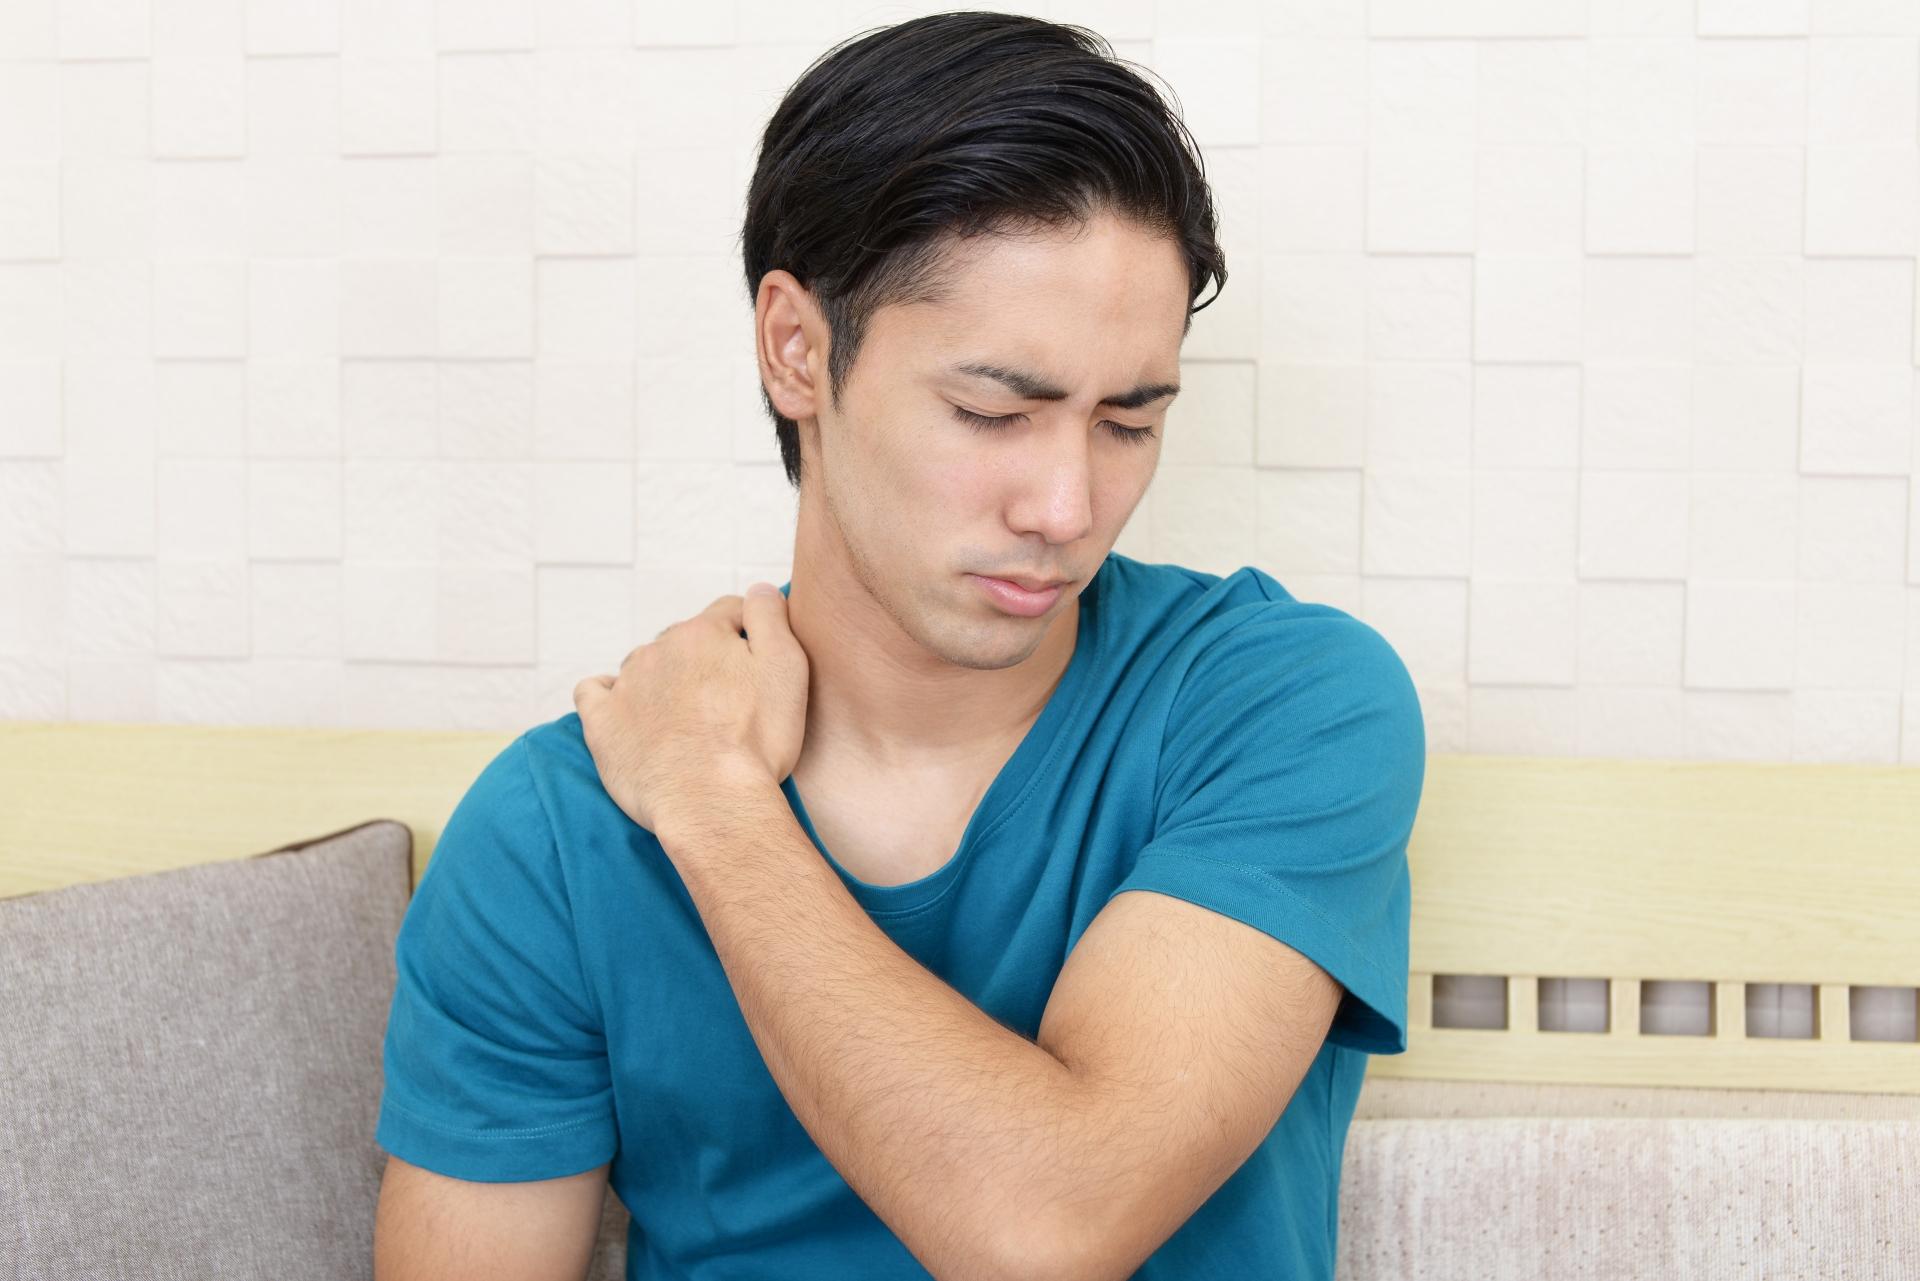 慢性的な肩こりや頭痛はありますか?